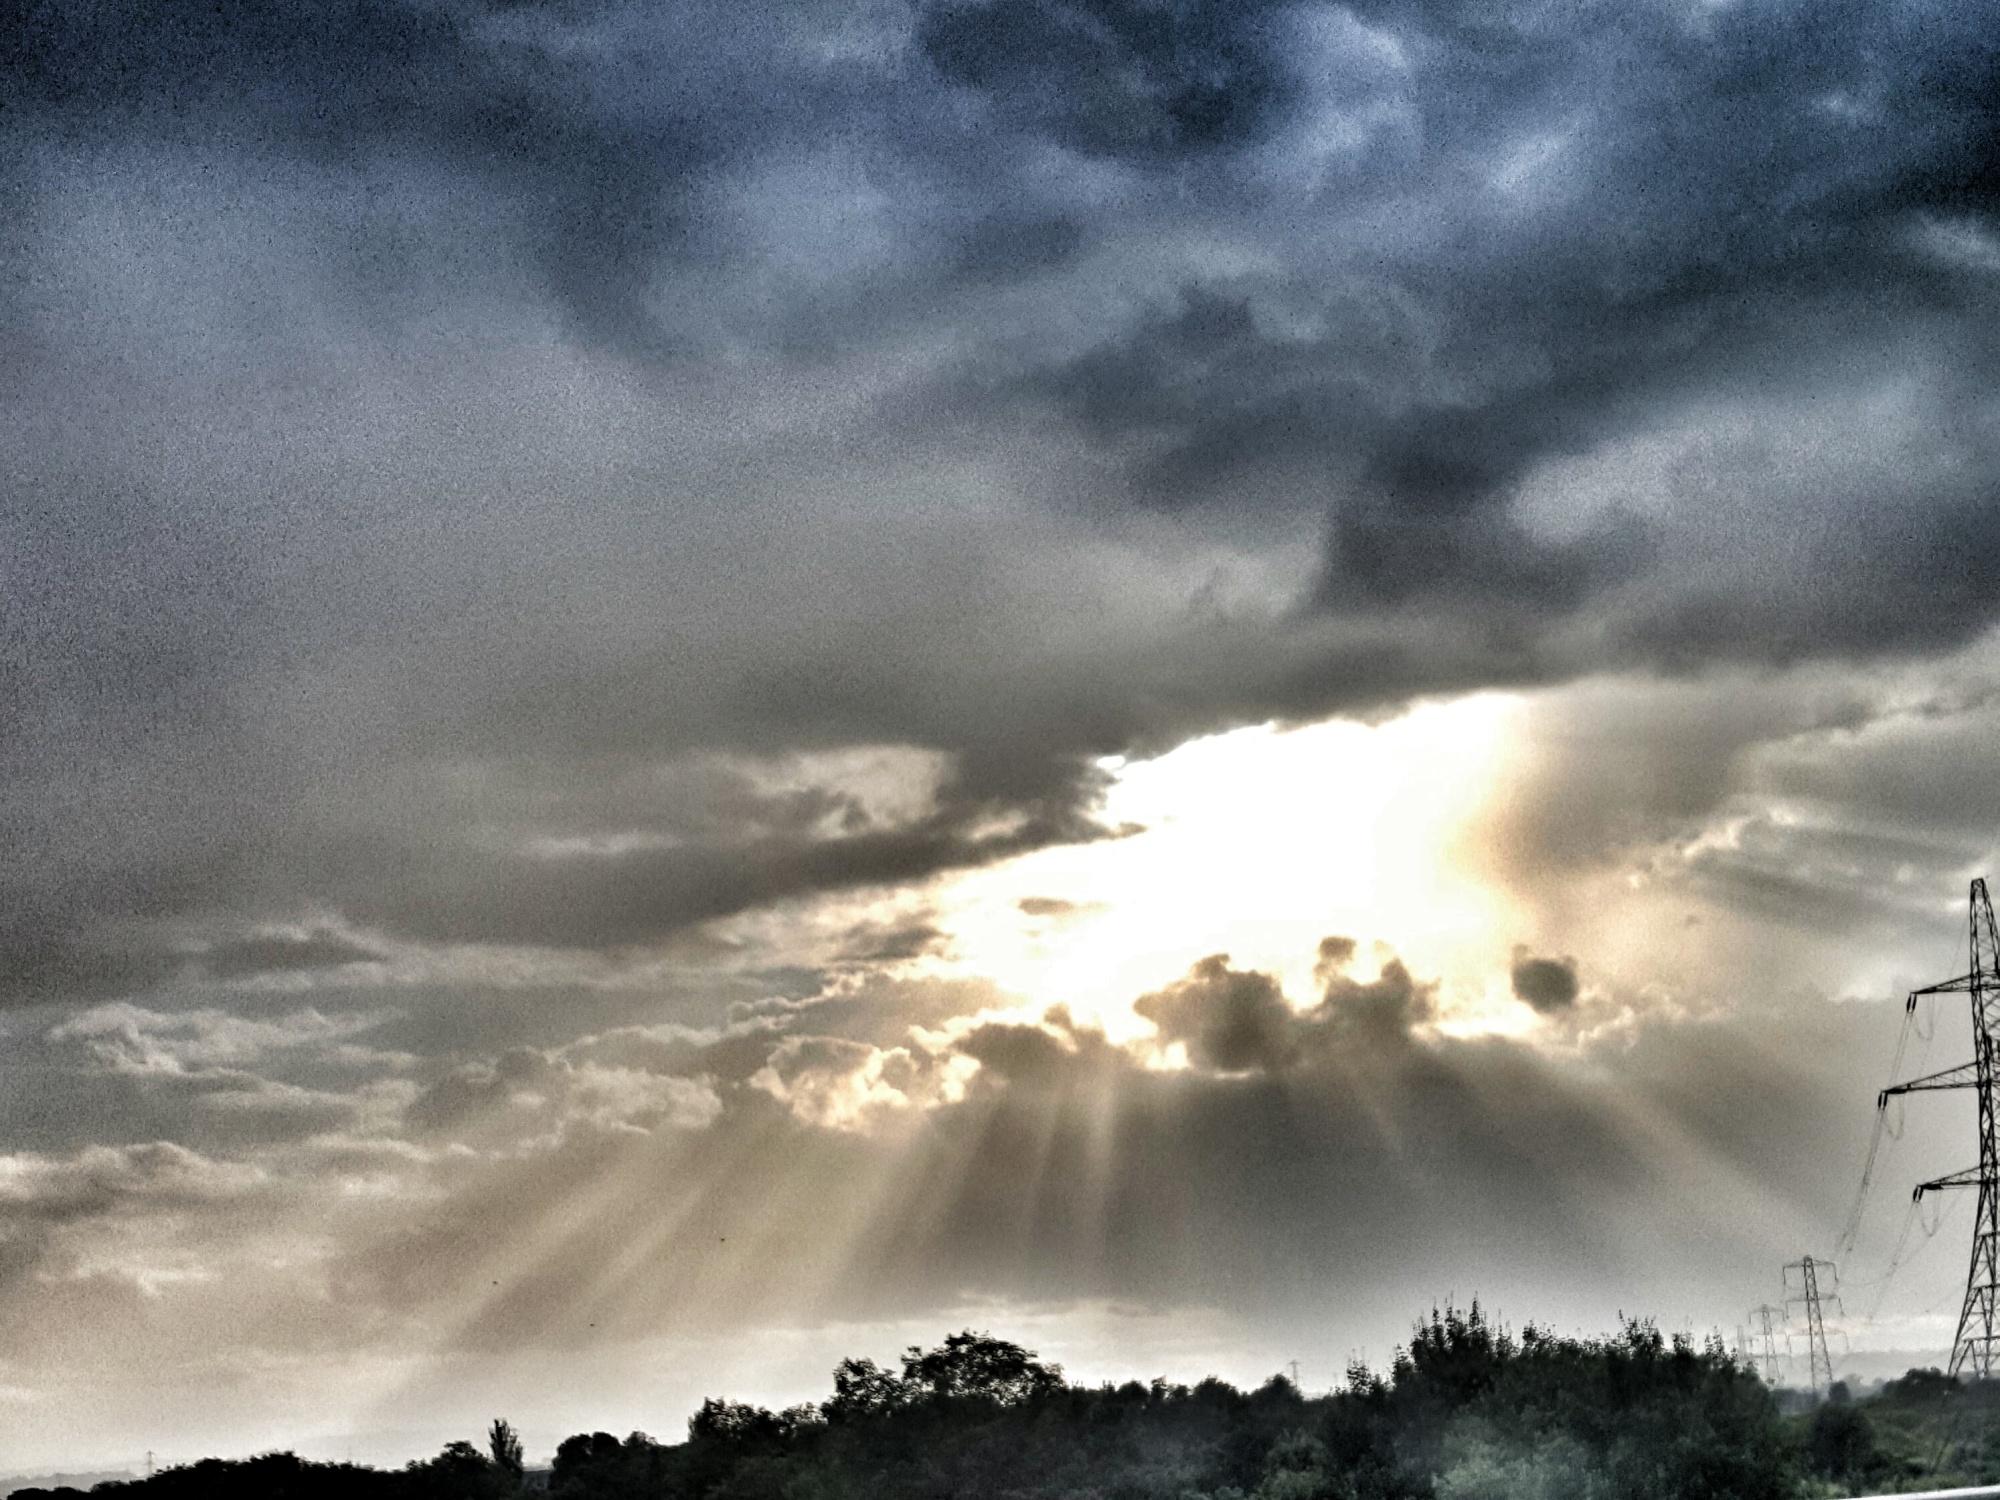 Poet Jordan Light from the sky